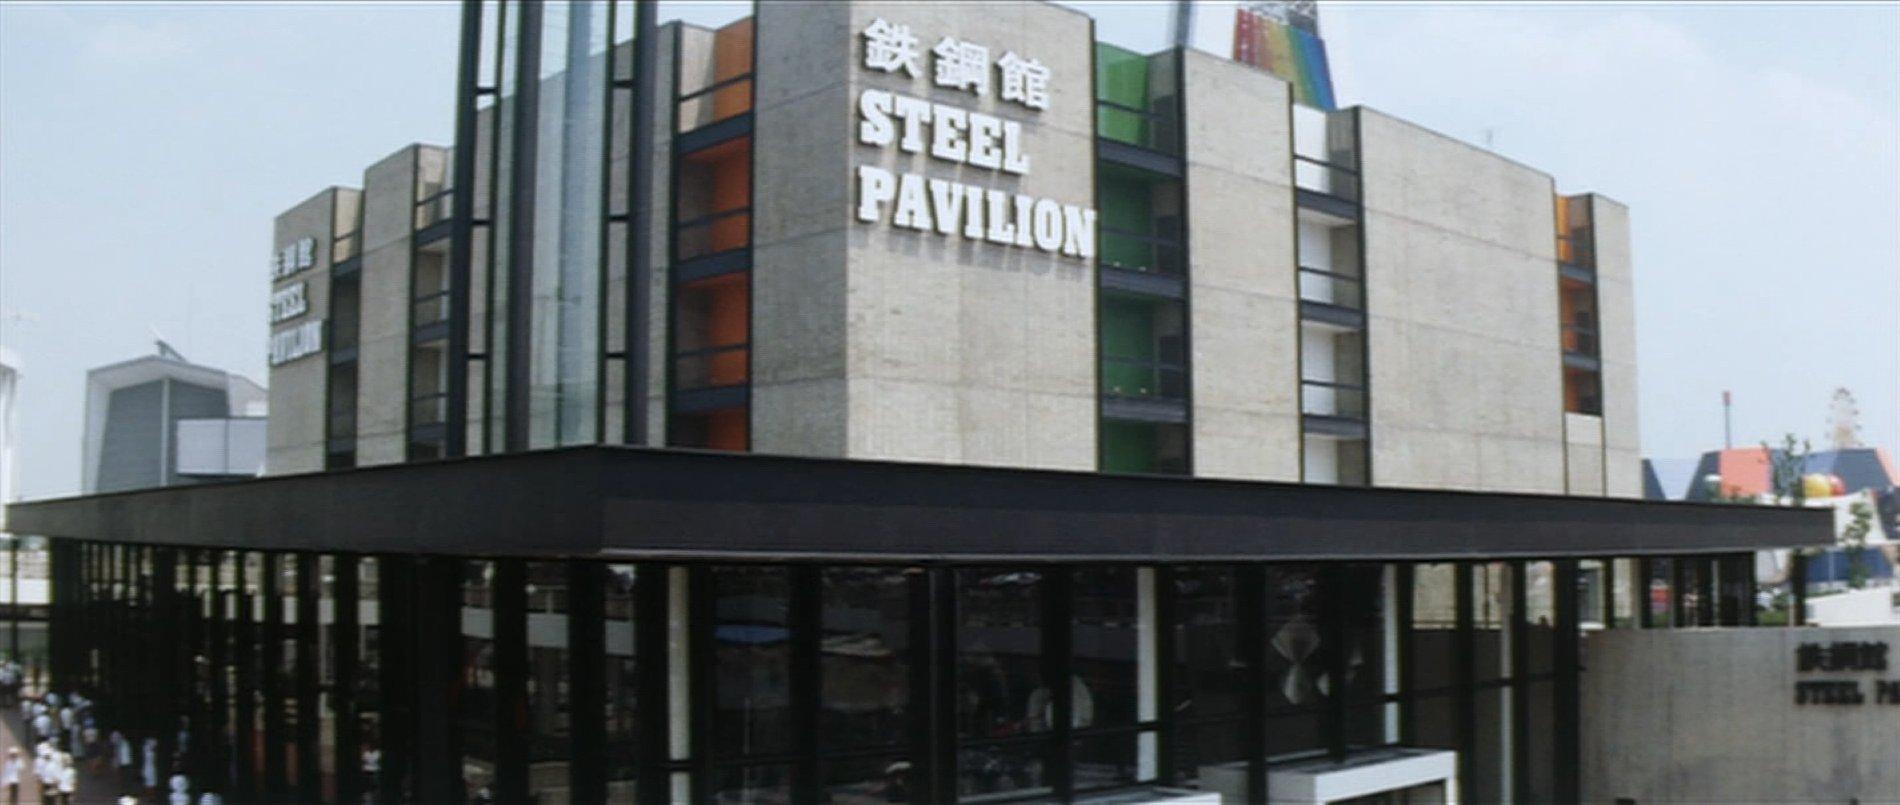 『公式長編記録映画 日本万国博覧会』より 鉄鋼館